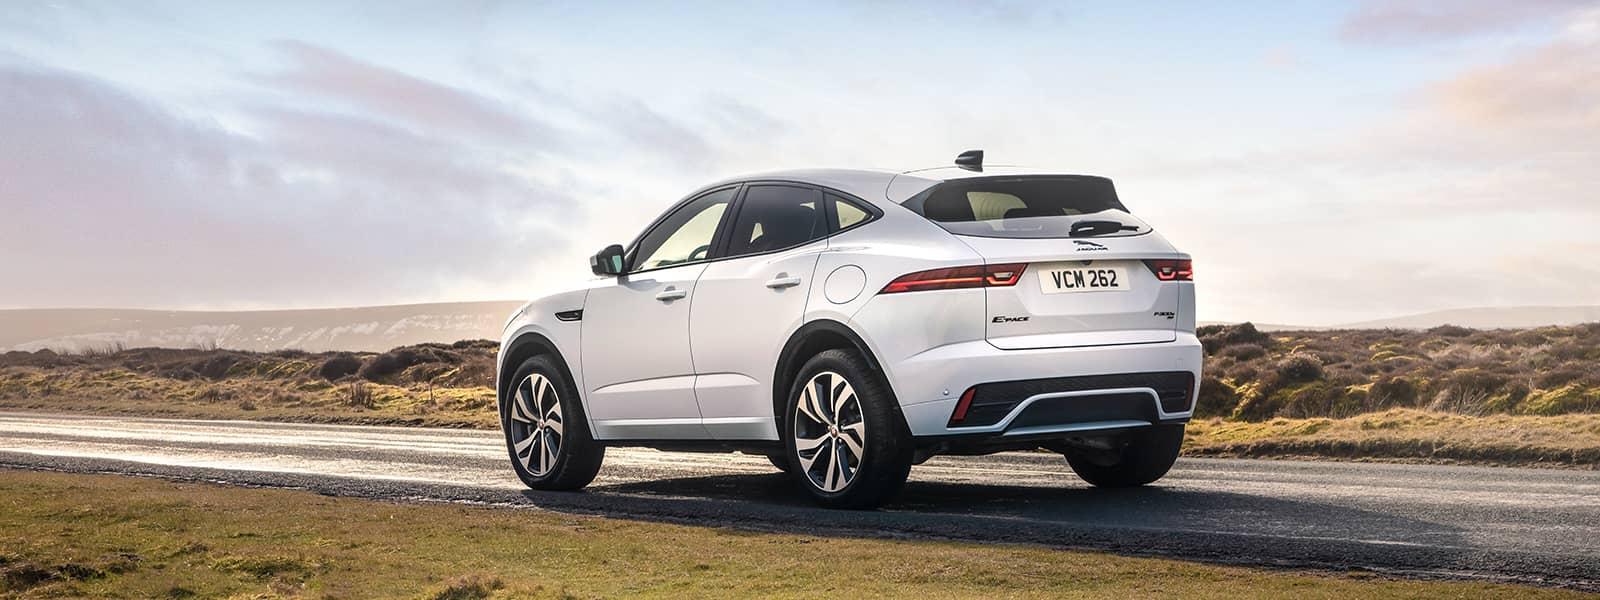 jaguar e pace flexfuel e85